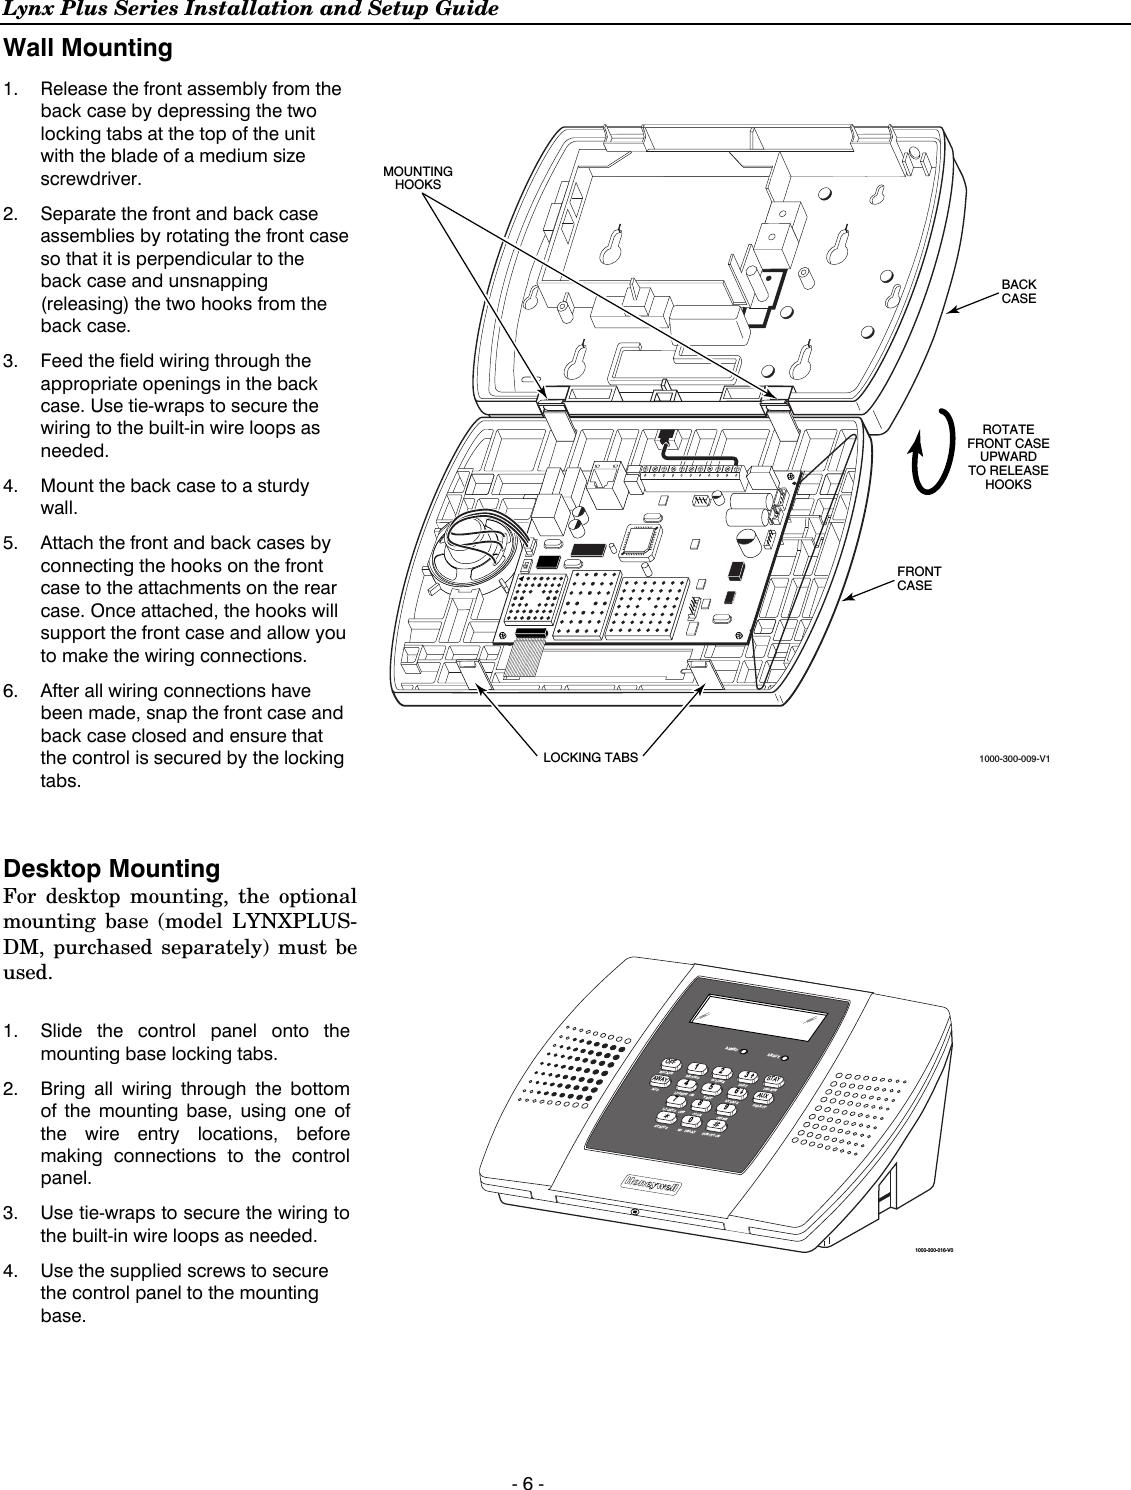 Lynx Wiring Diagram